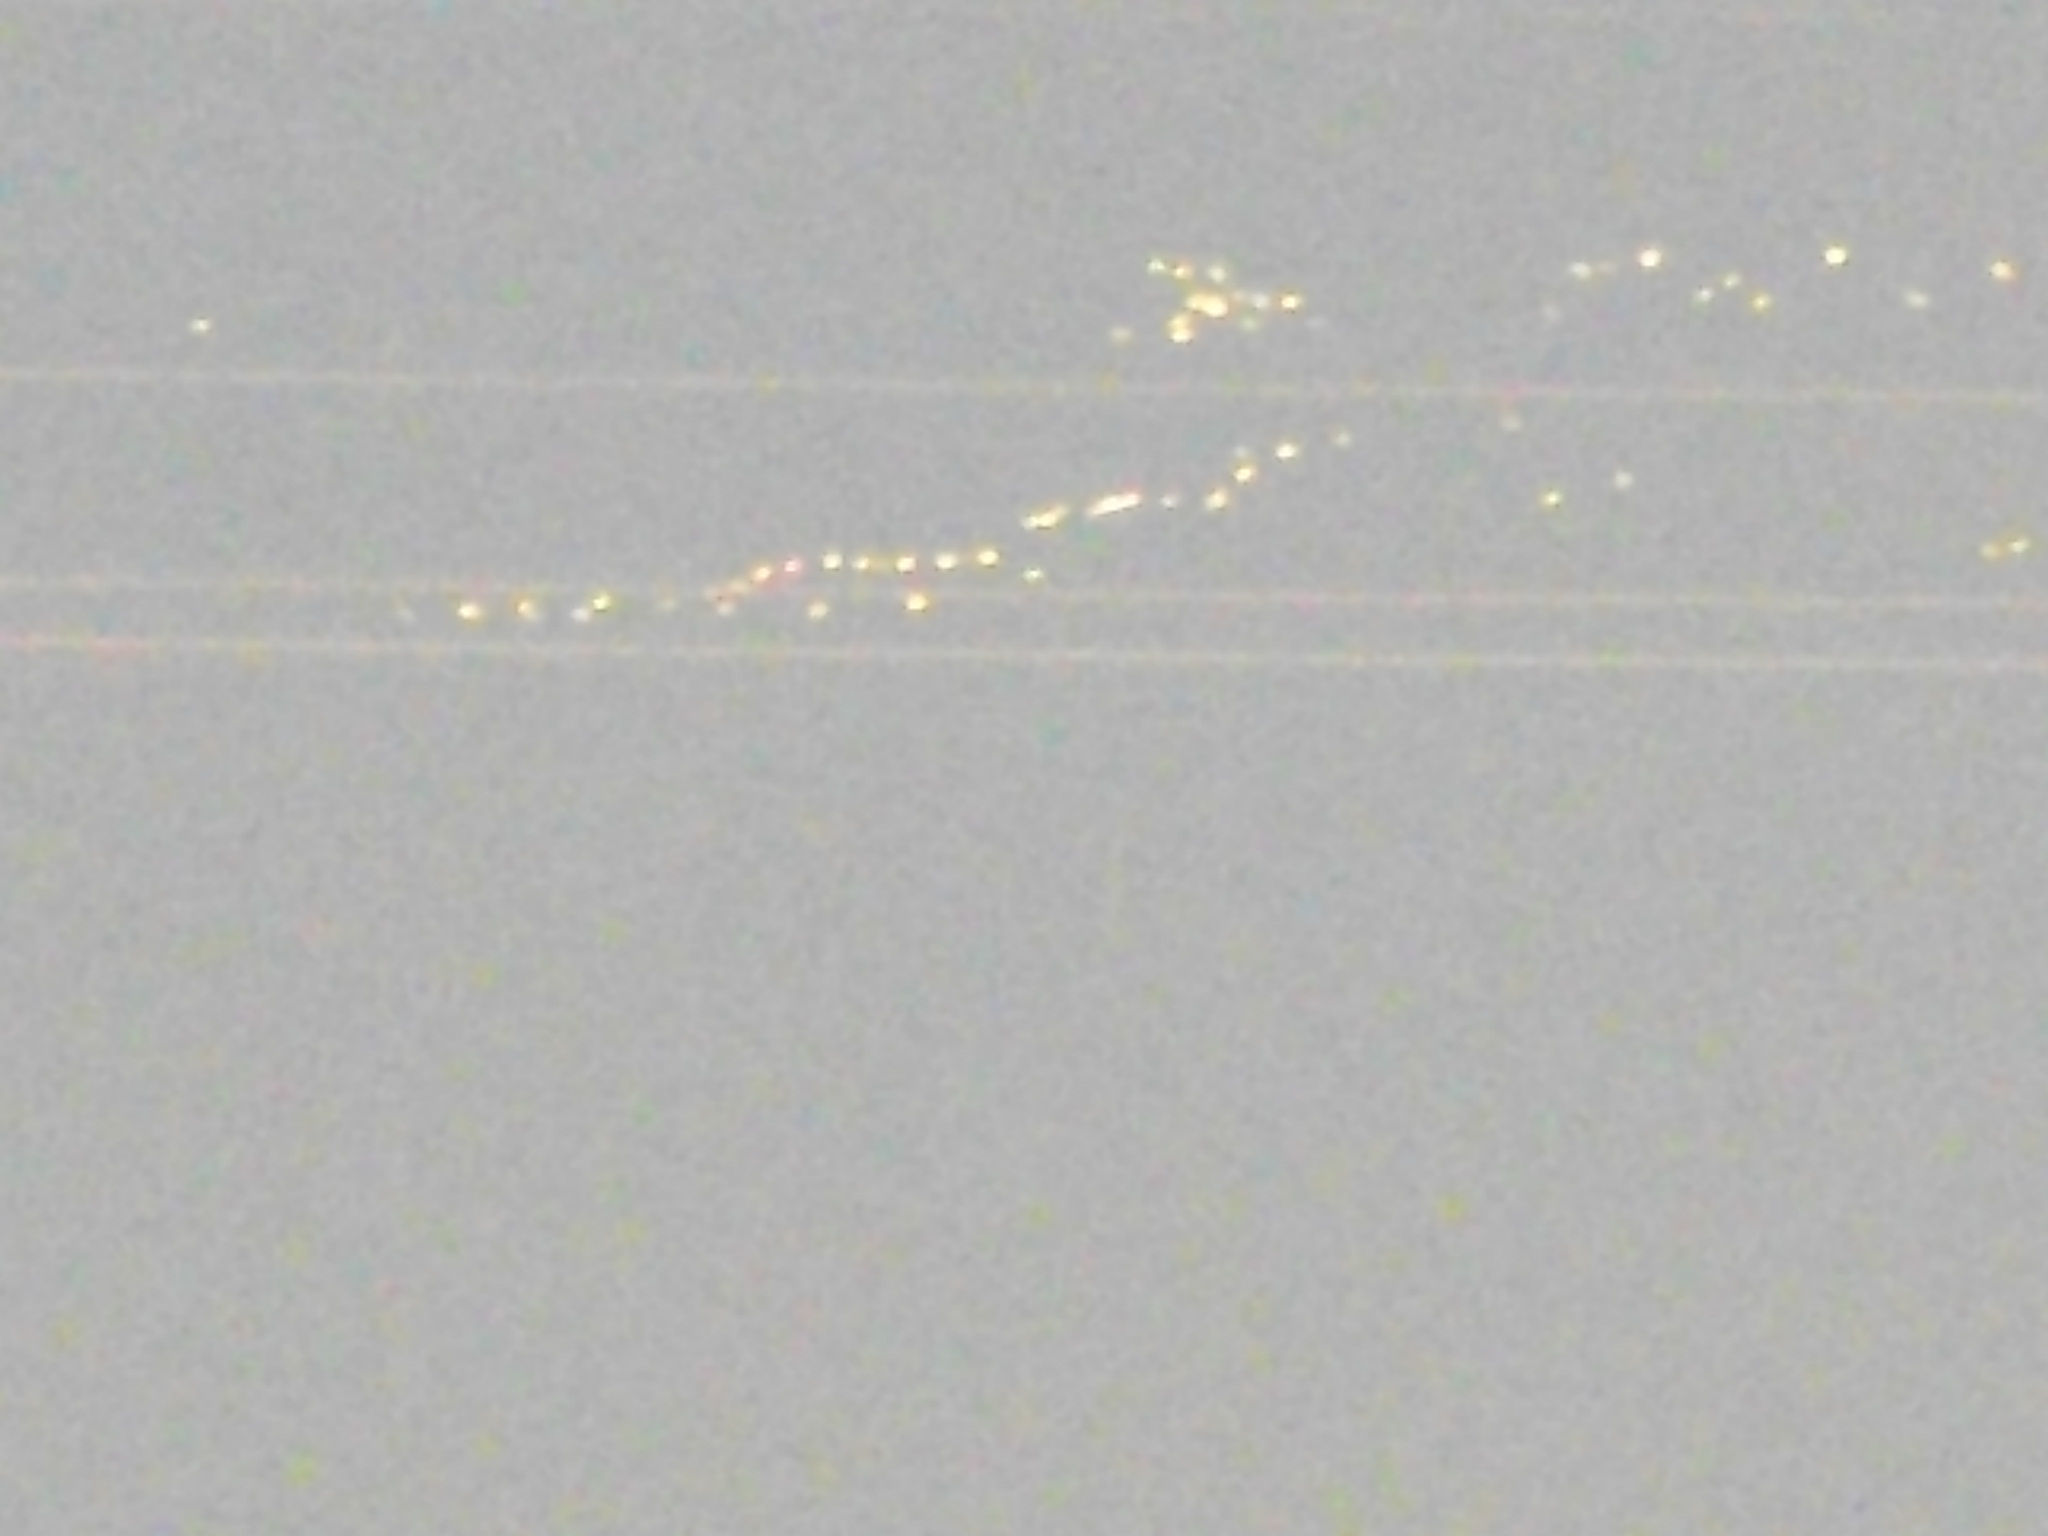 2015: le /08 à 20h - Boules lumineuses en file indienne -  Ovnis à Wargnies le grand - Nord (dép.59) 950134130